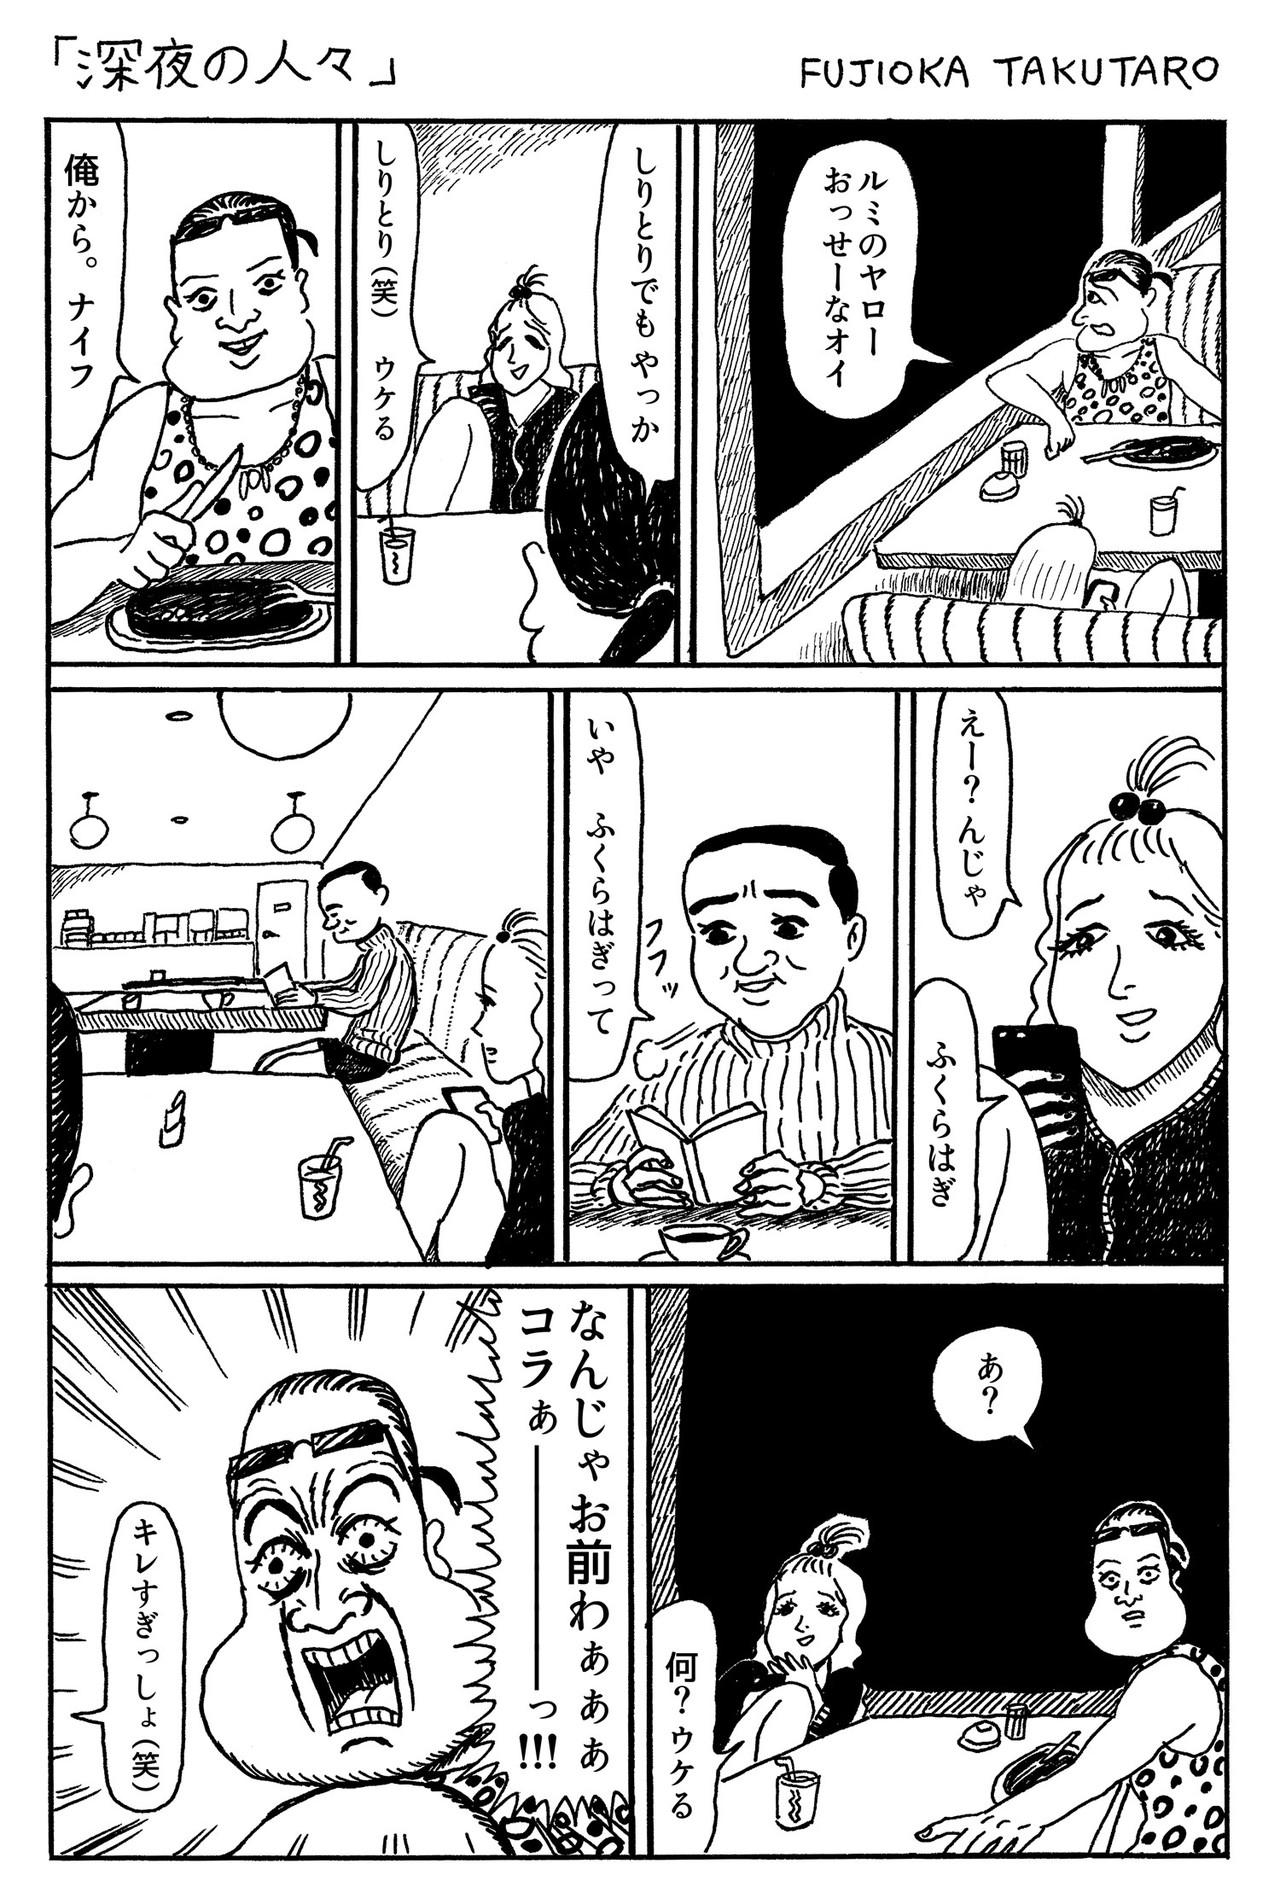 20180628_1ページ漫画_深夜の人々__R